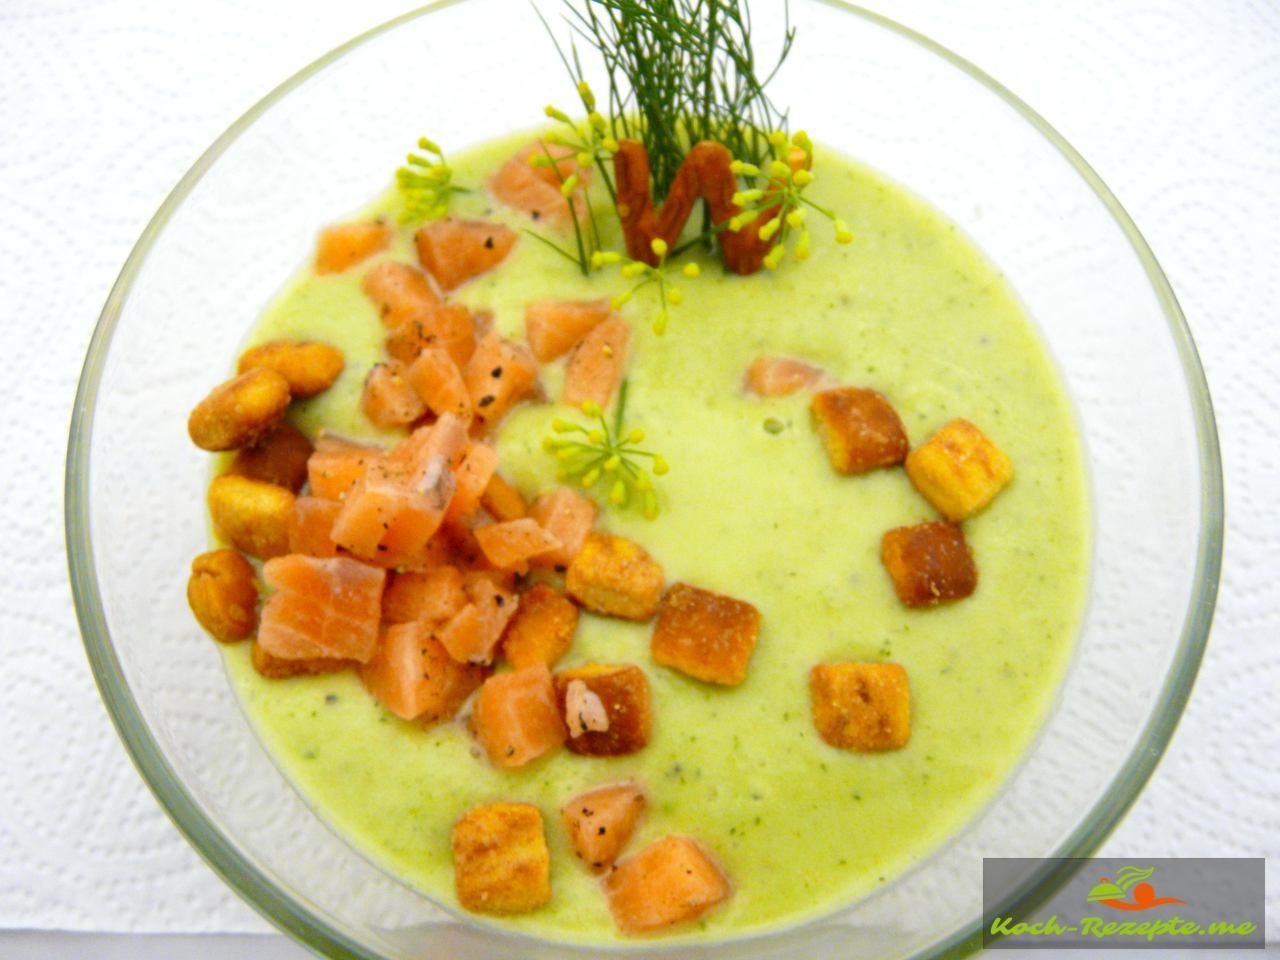 Kalte Gurken-Avocado Suppe mit Krebsfleisch und Dill garnieren mit frischem Lachs und gerösteten Brotwürfel